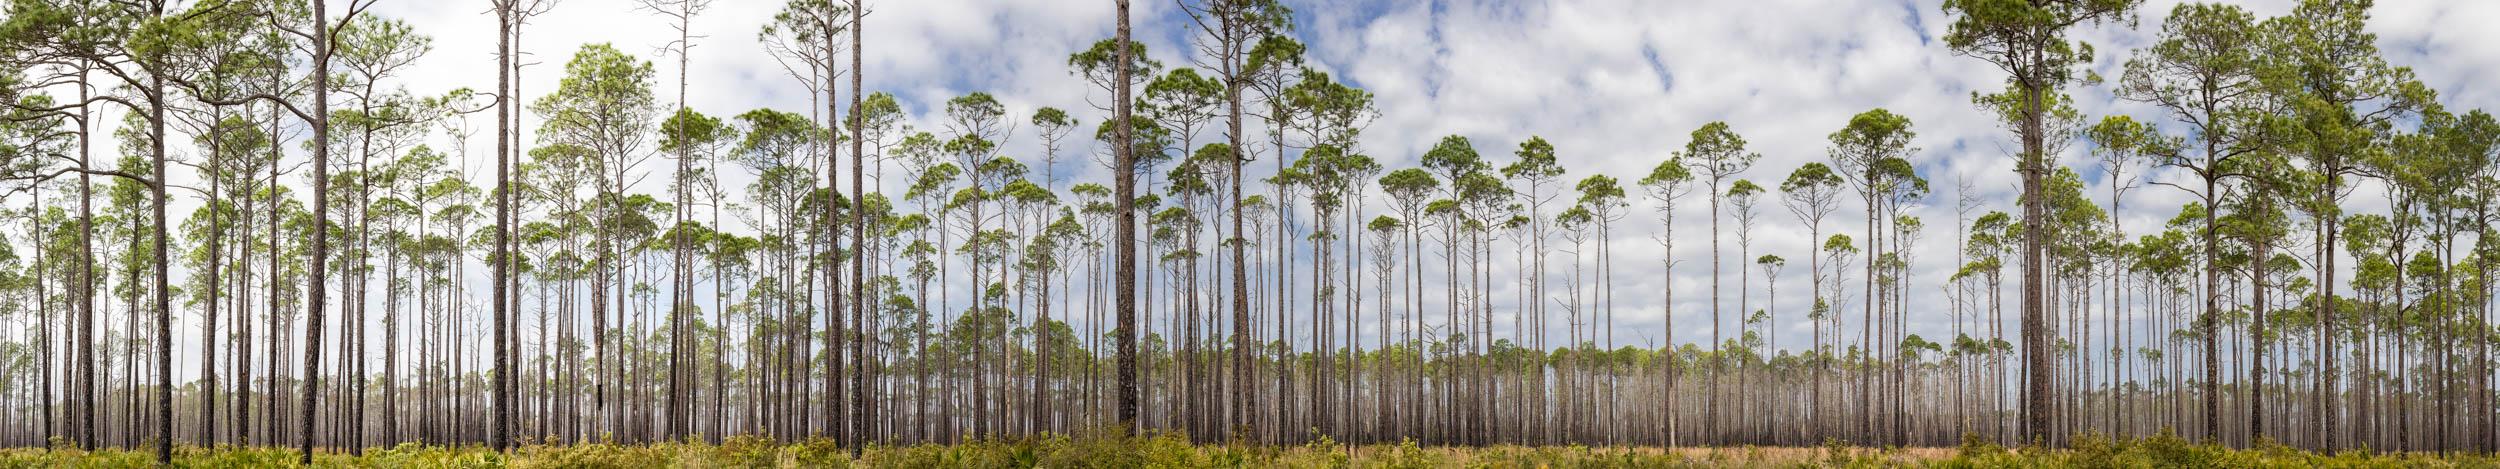 Layered Pines 2